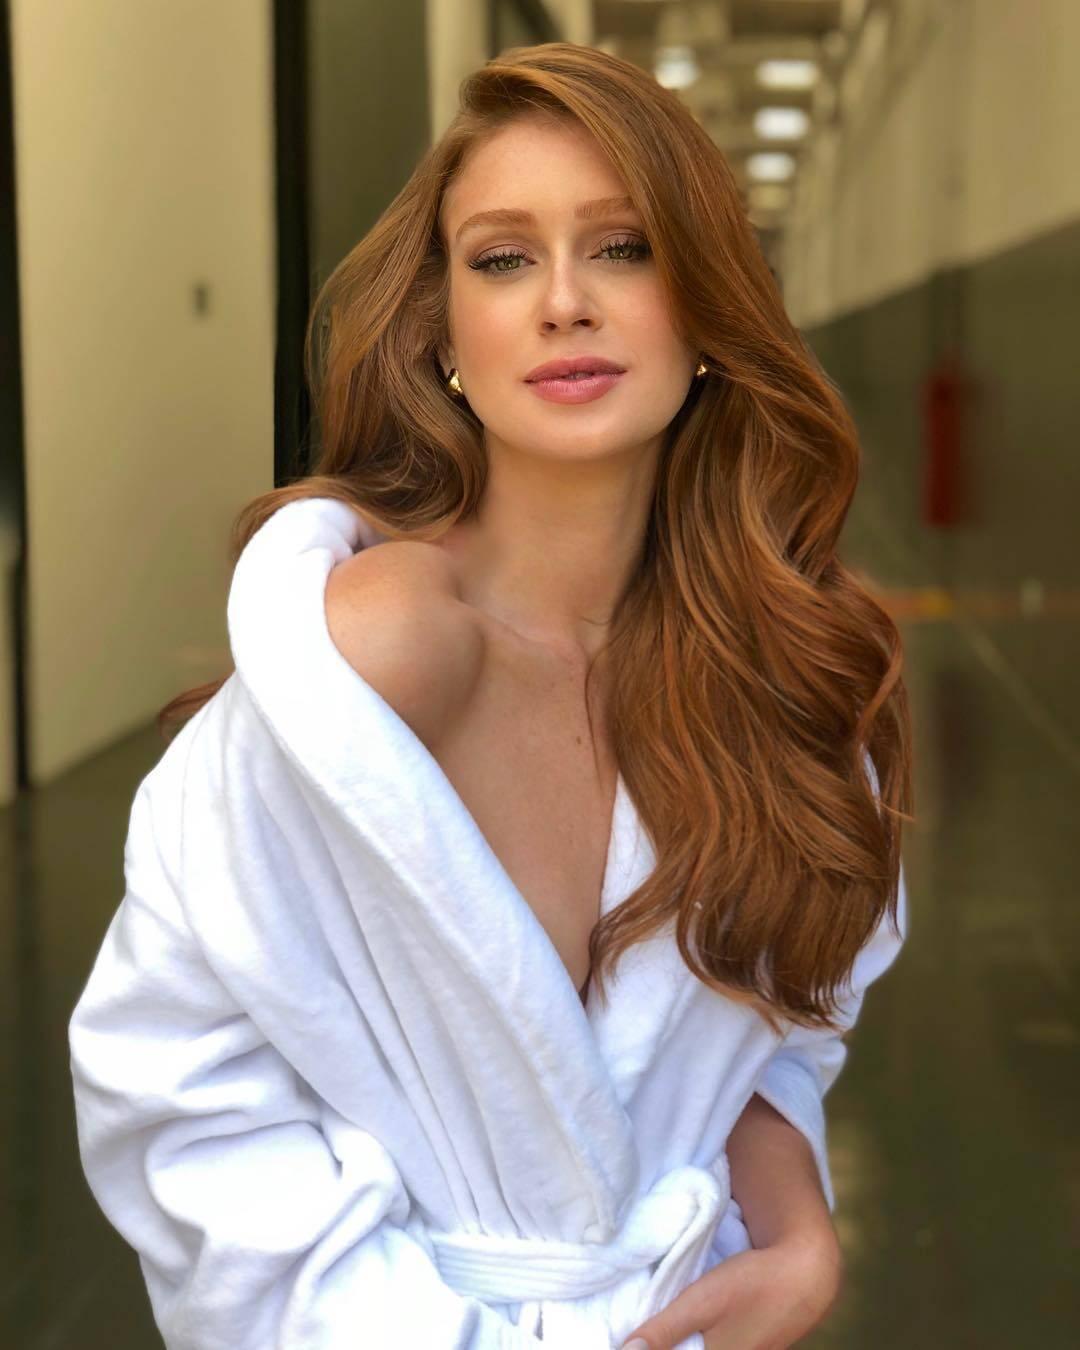 Marina Ruy Barbosa estrelando uma campanha de produtos de beleza, mostrando seus lindos cabelos ruivos!. Foto: Reprodução/Instagram